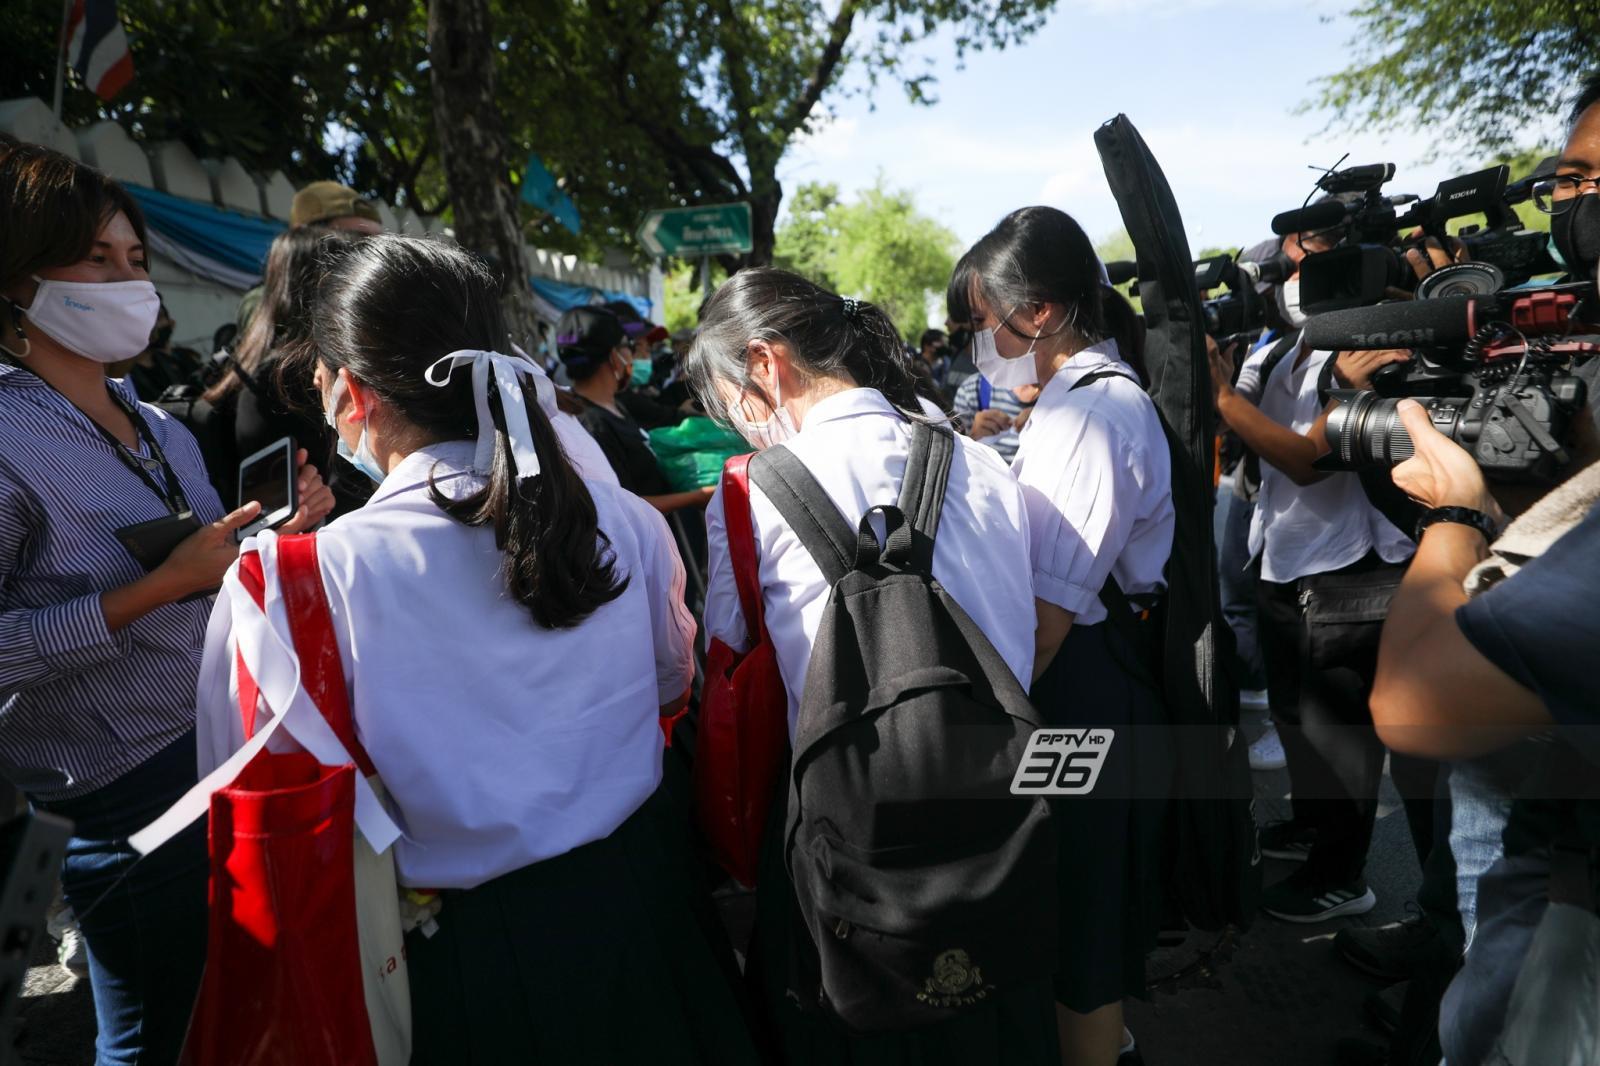 นักเรียนมัธยม ชุมนุมหน้าศธ. ขอพื้นที่แสดงออกการเมือง เป่านกหวีดไล่รมต.ศึกษาฯ